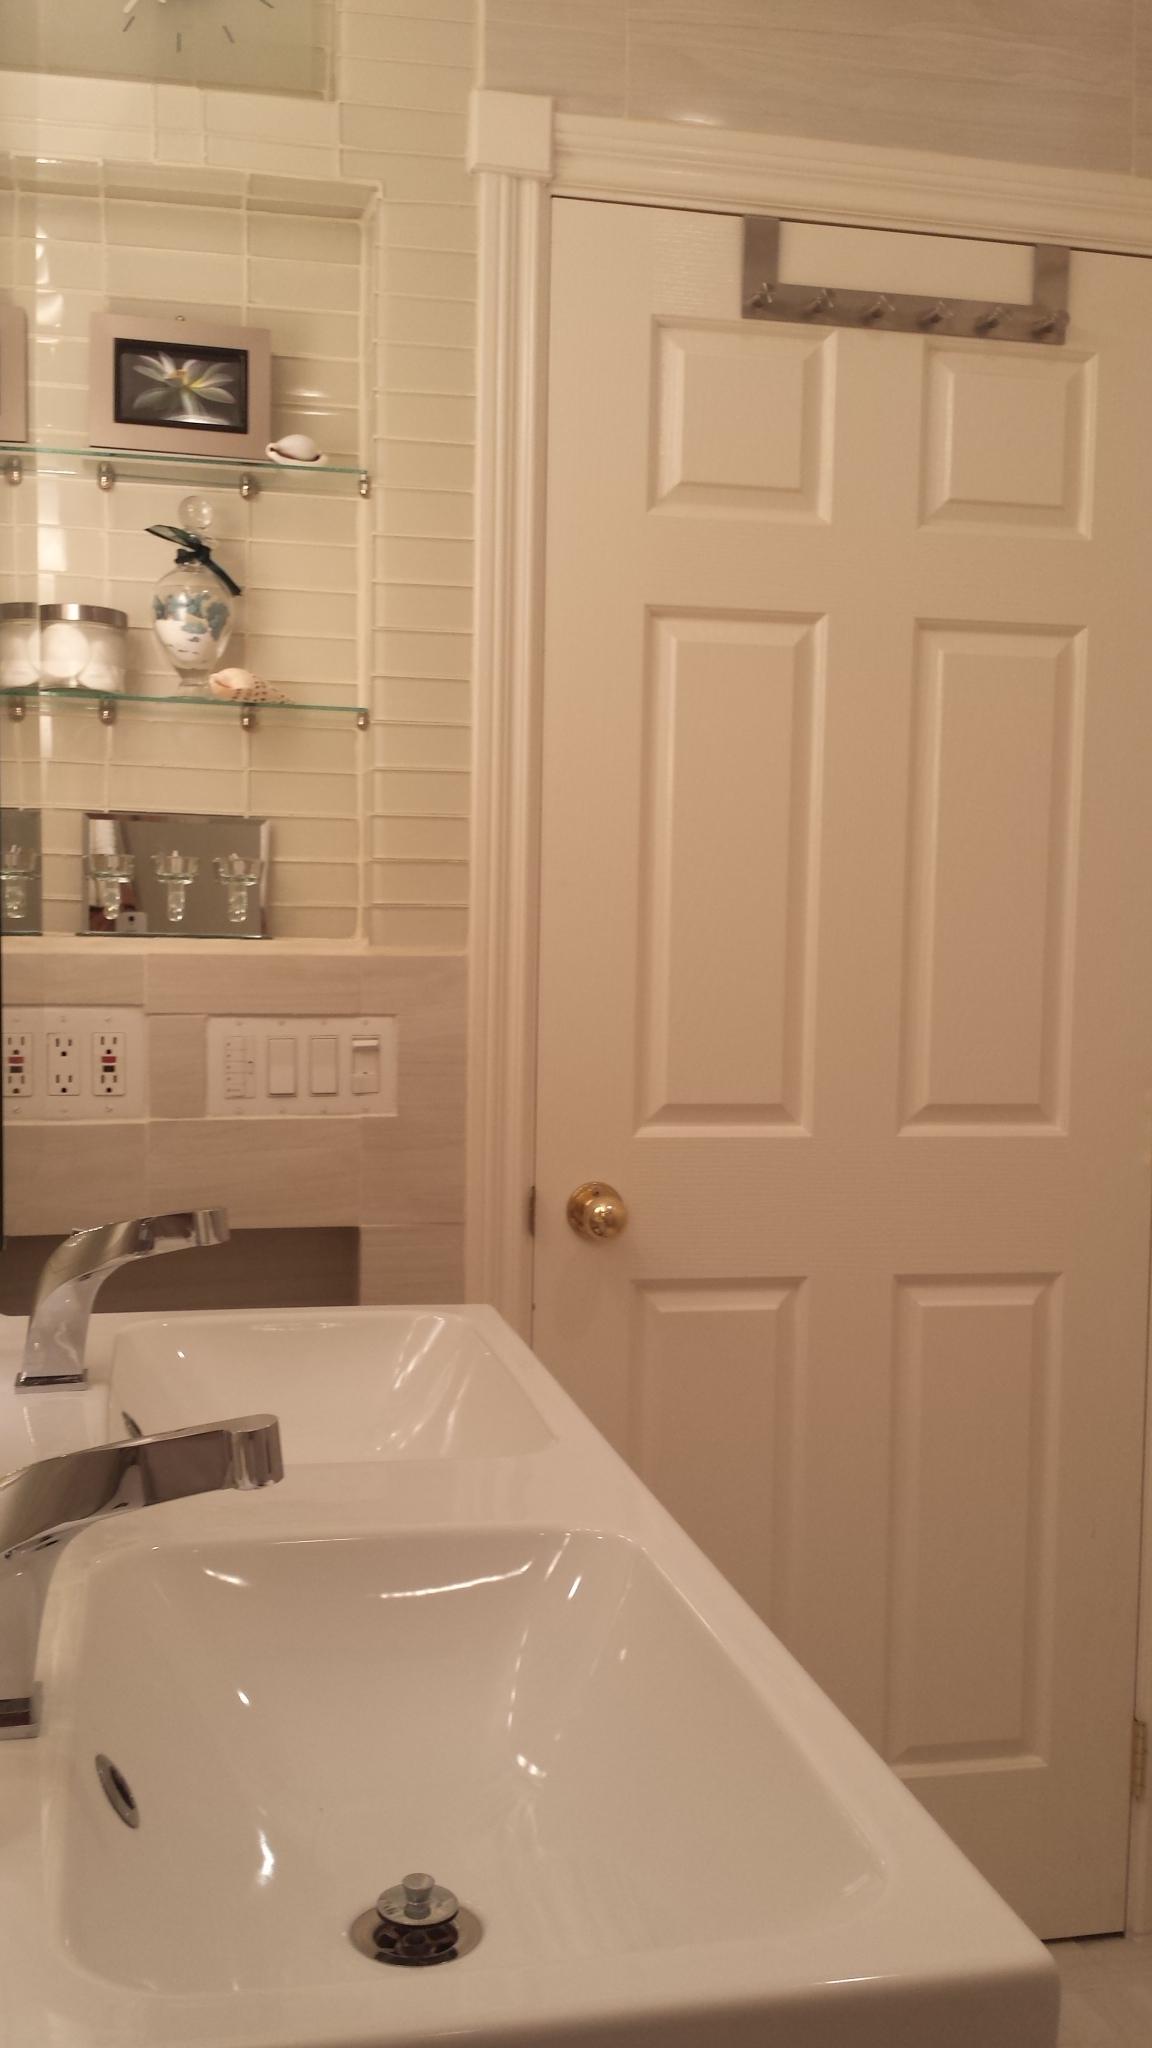 Unit 204 - Bathroom 7